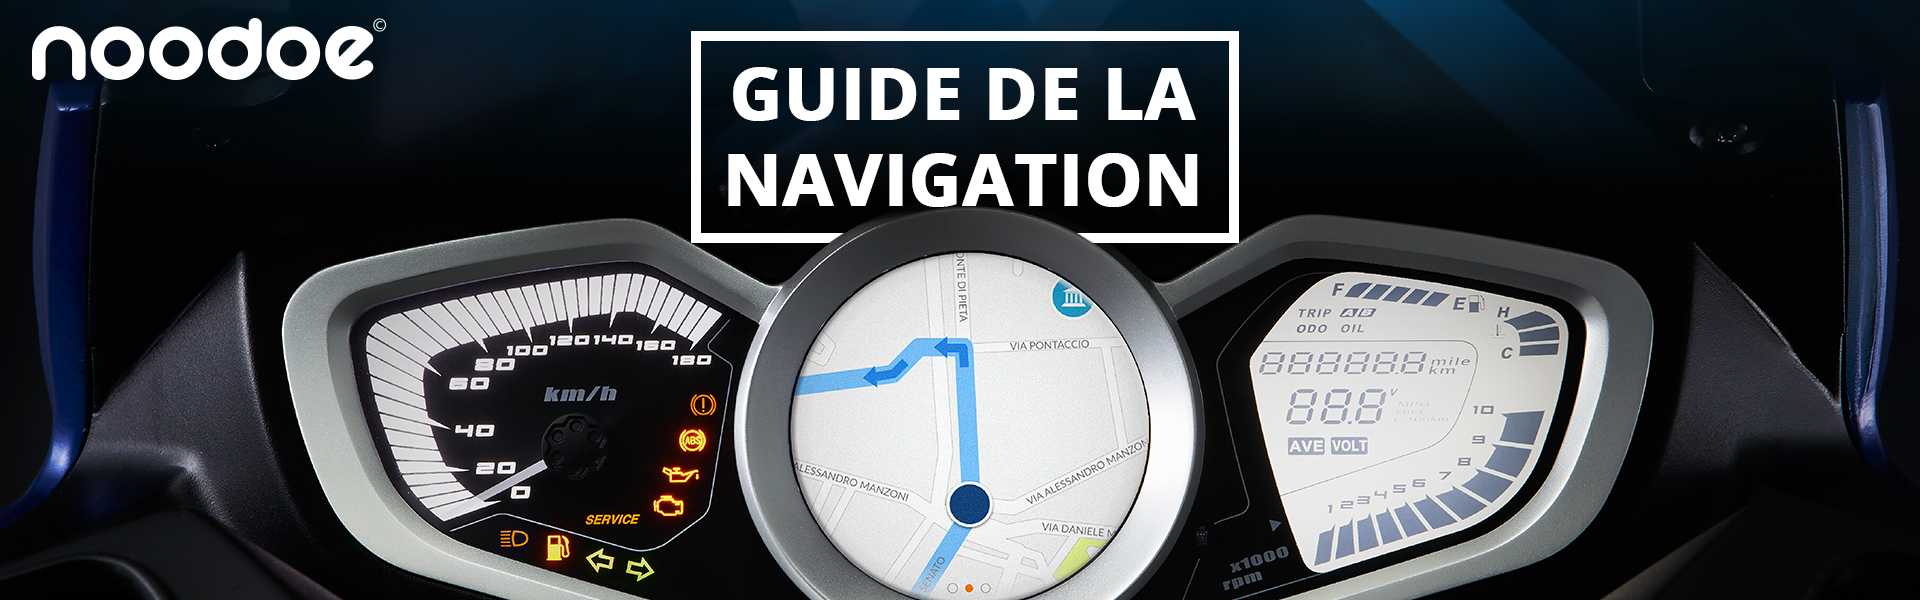 guide-navigation-nooodoe